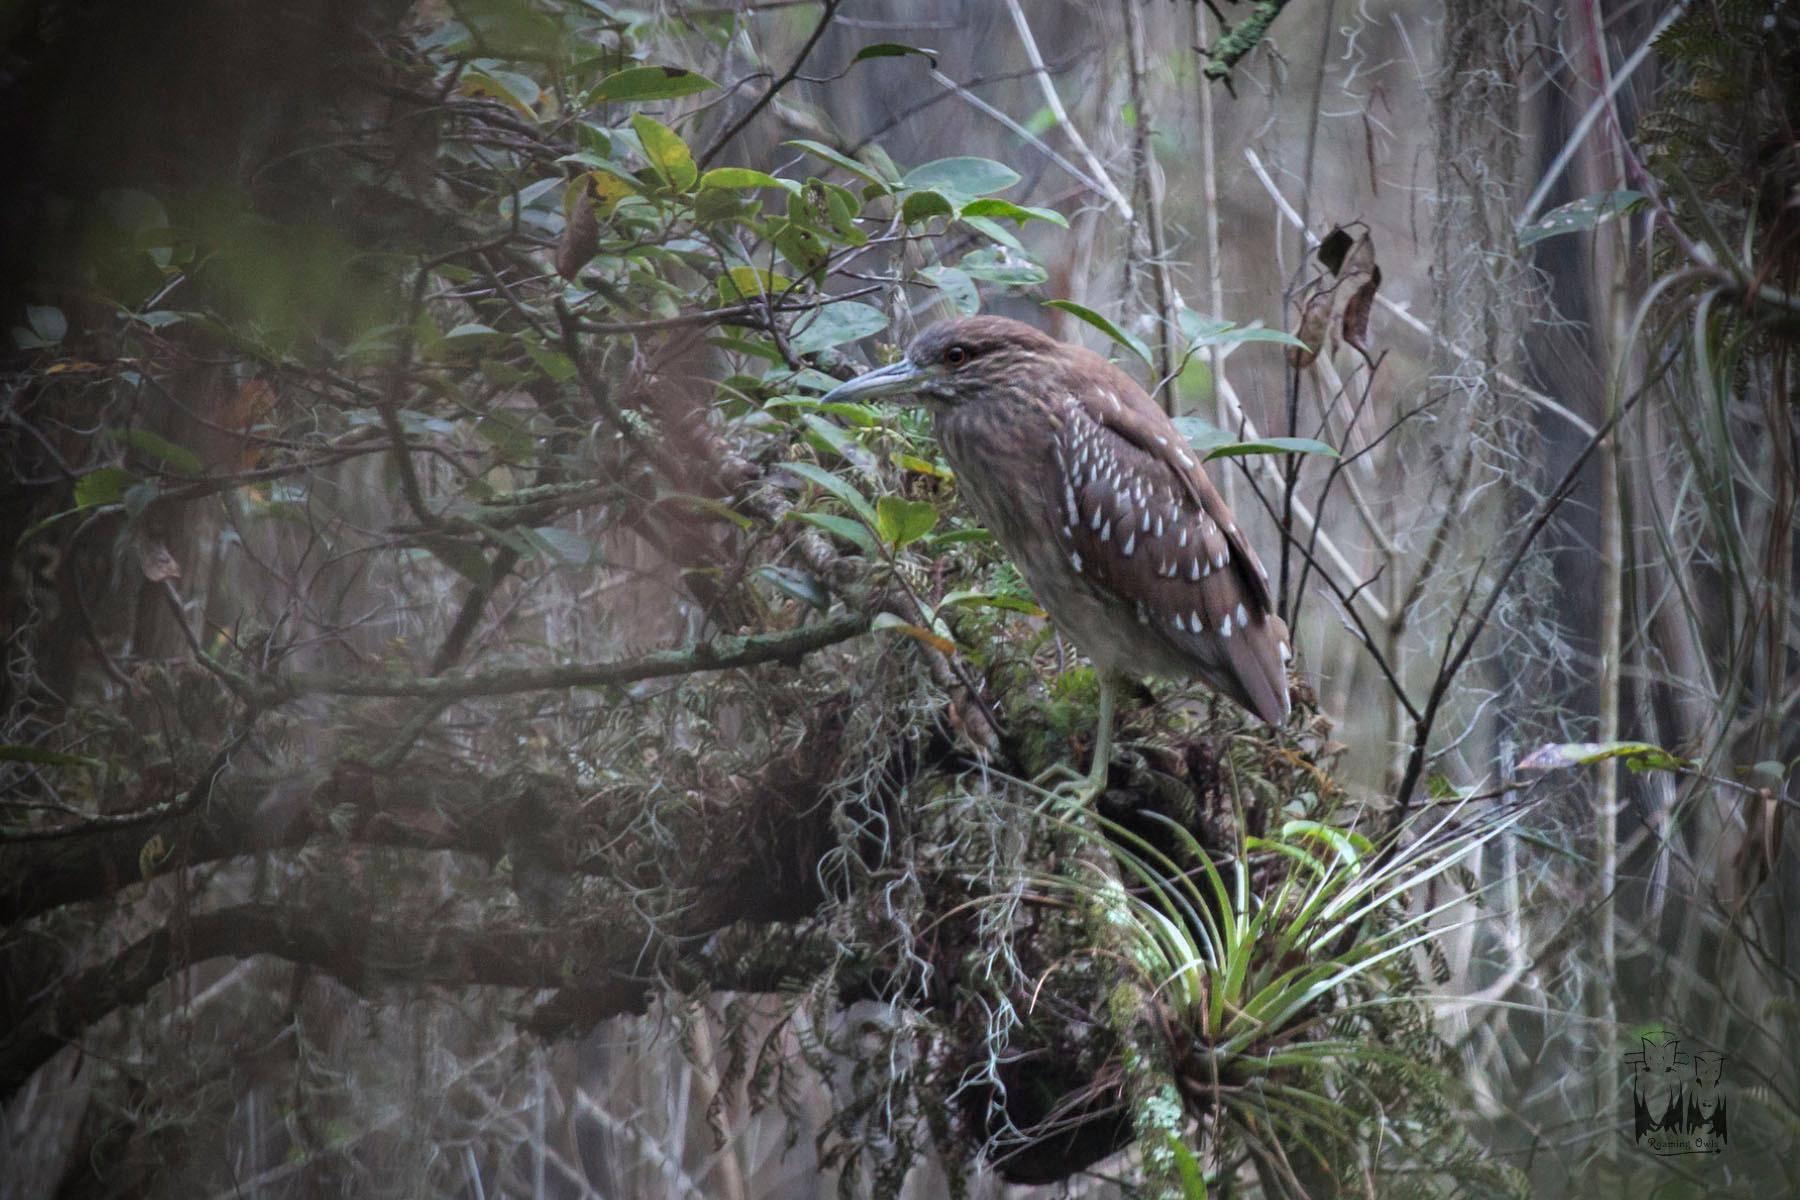 Night Heron,Vakka Bird,Everglades bird night heron